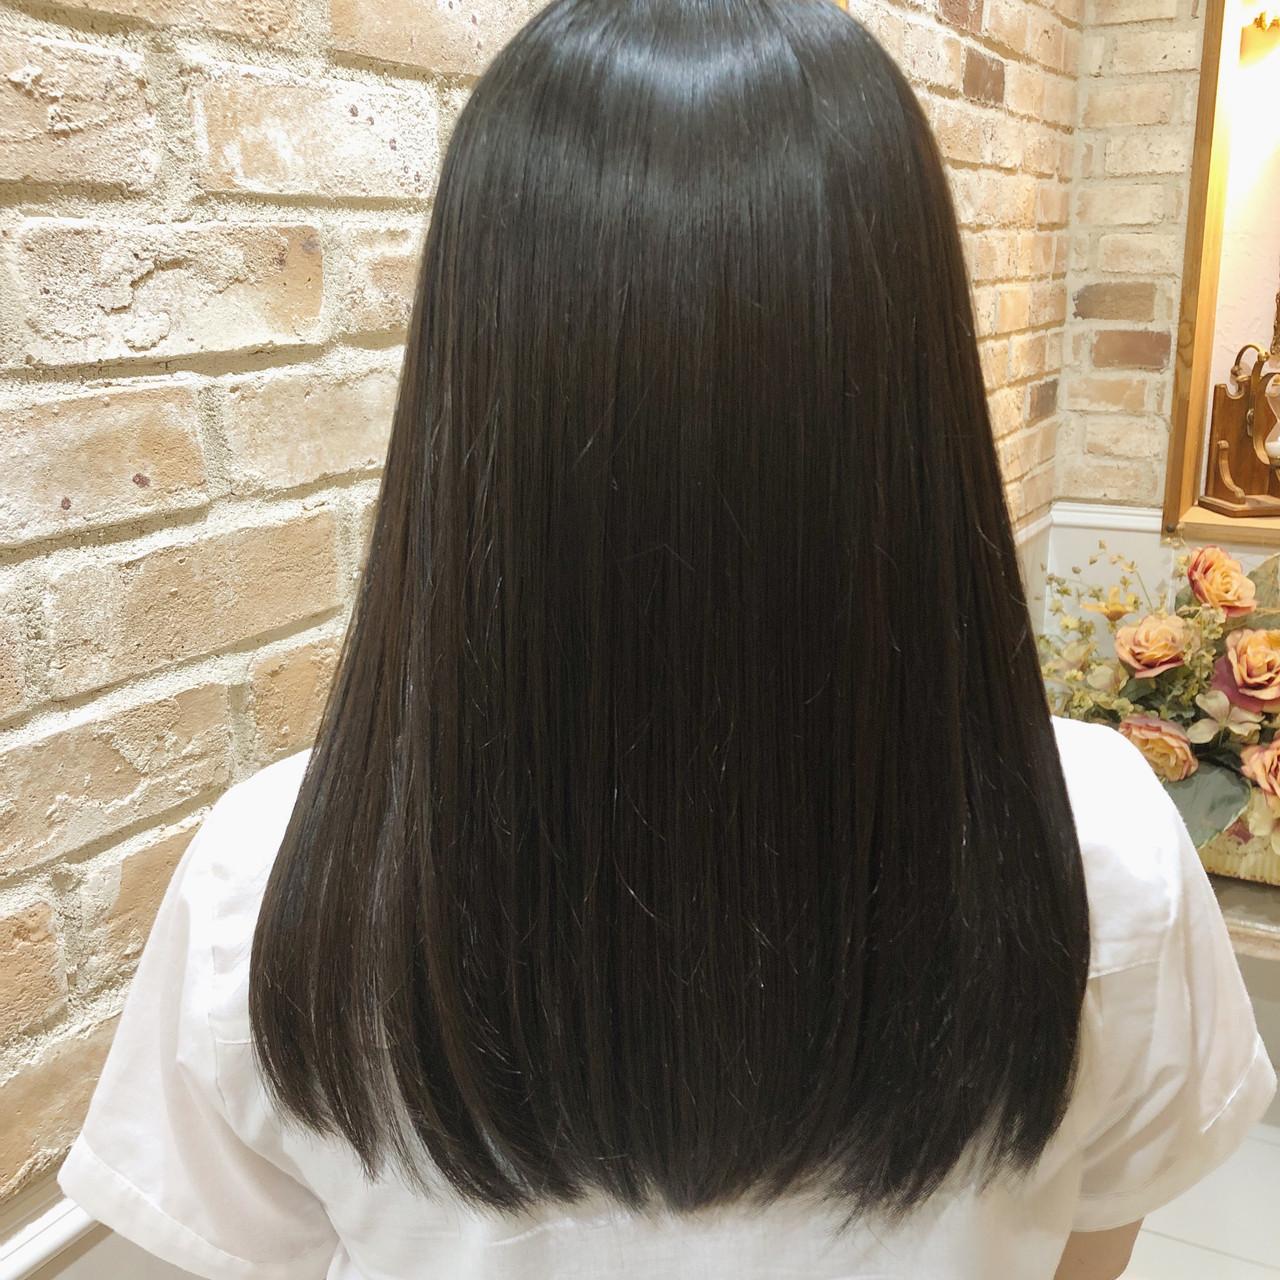 艶髪 ナチュラル 360度どこからみても綺麗なロングヘア 髪質改善トリートメント ヘアスタイルや髪型の写真・画像